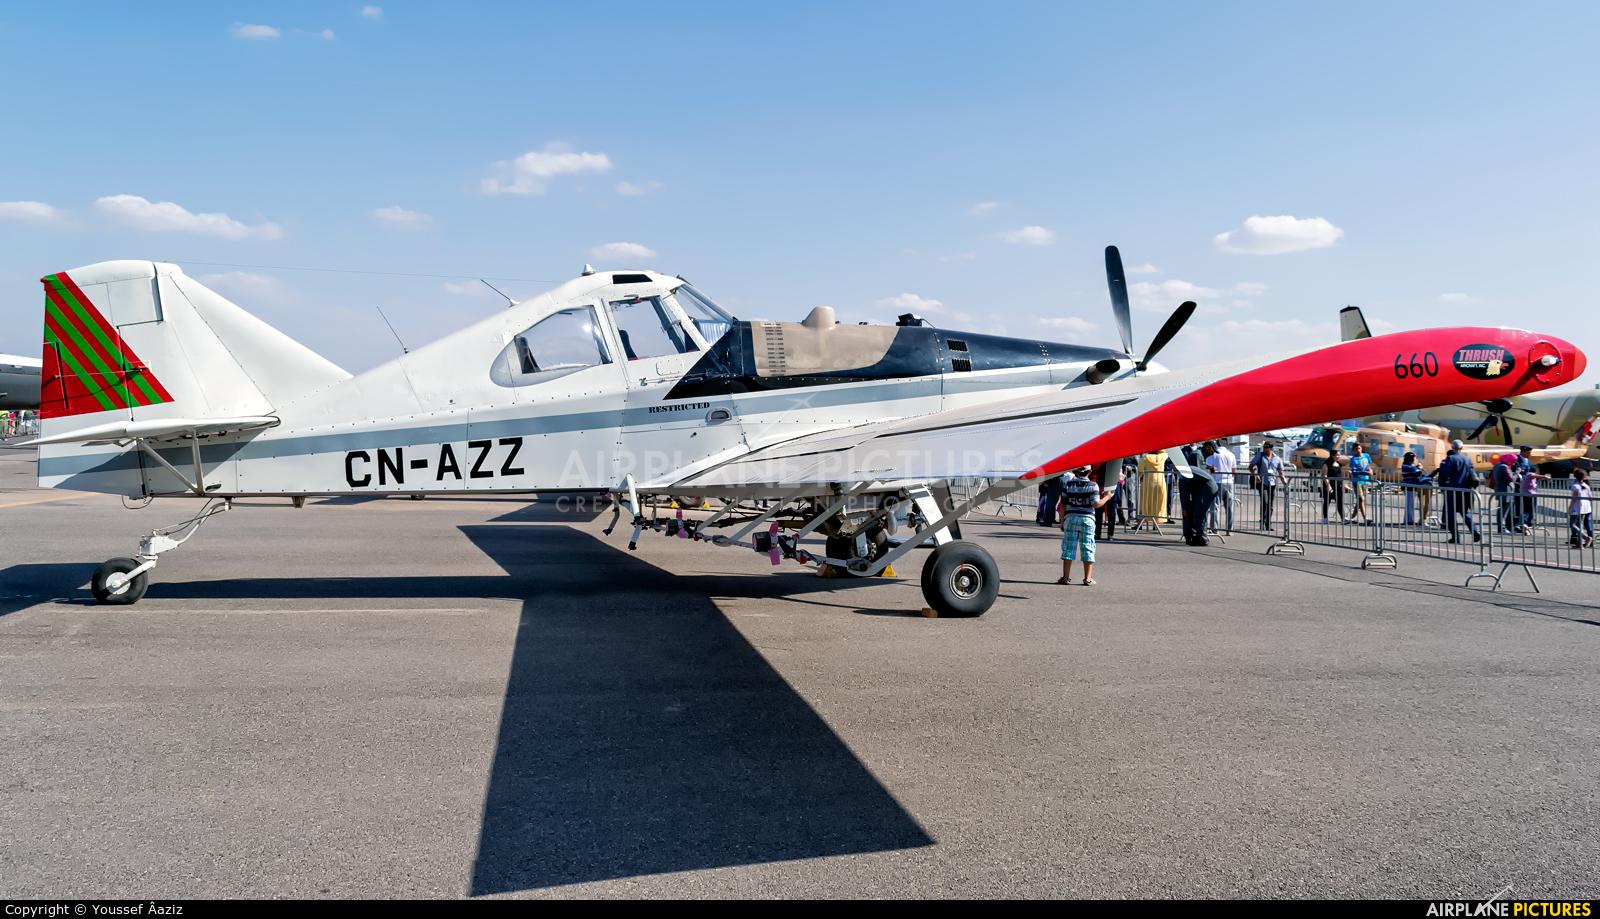 Morocco - Gendarmerie CN-AZZ aircraft at Marrakech - Menara